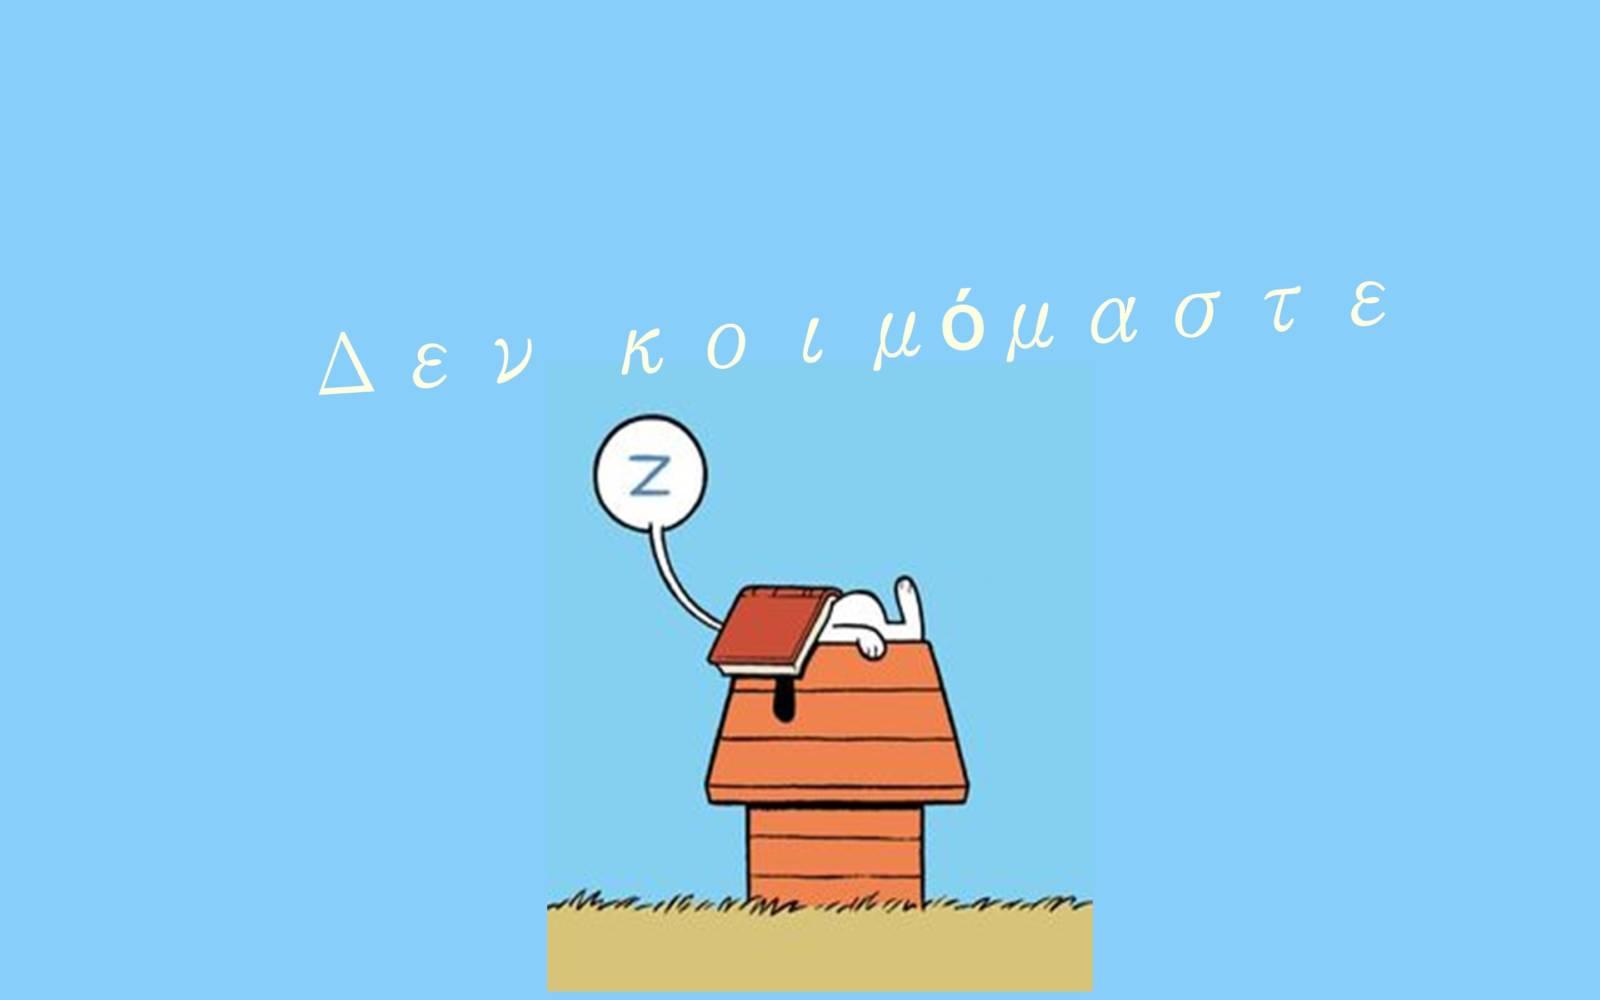 Ελένη Γκόρα-Δεν κοιμόμστε.